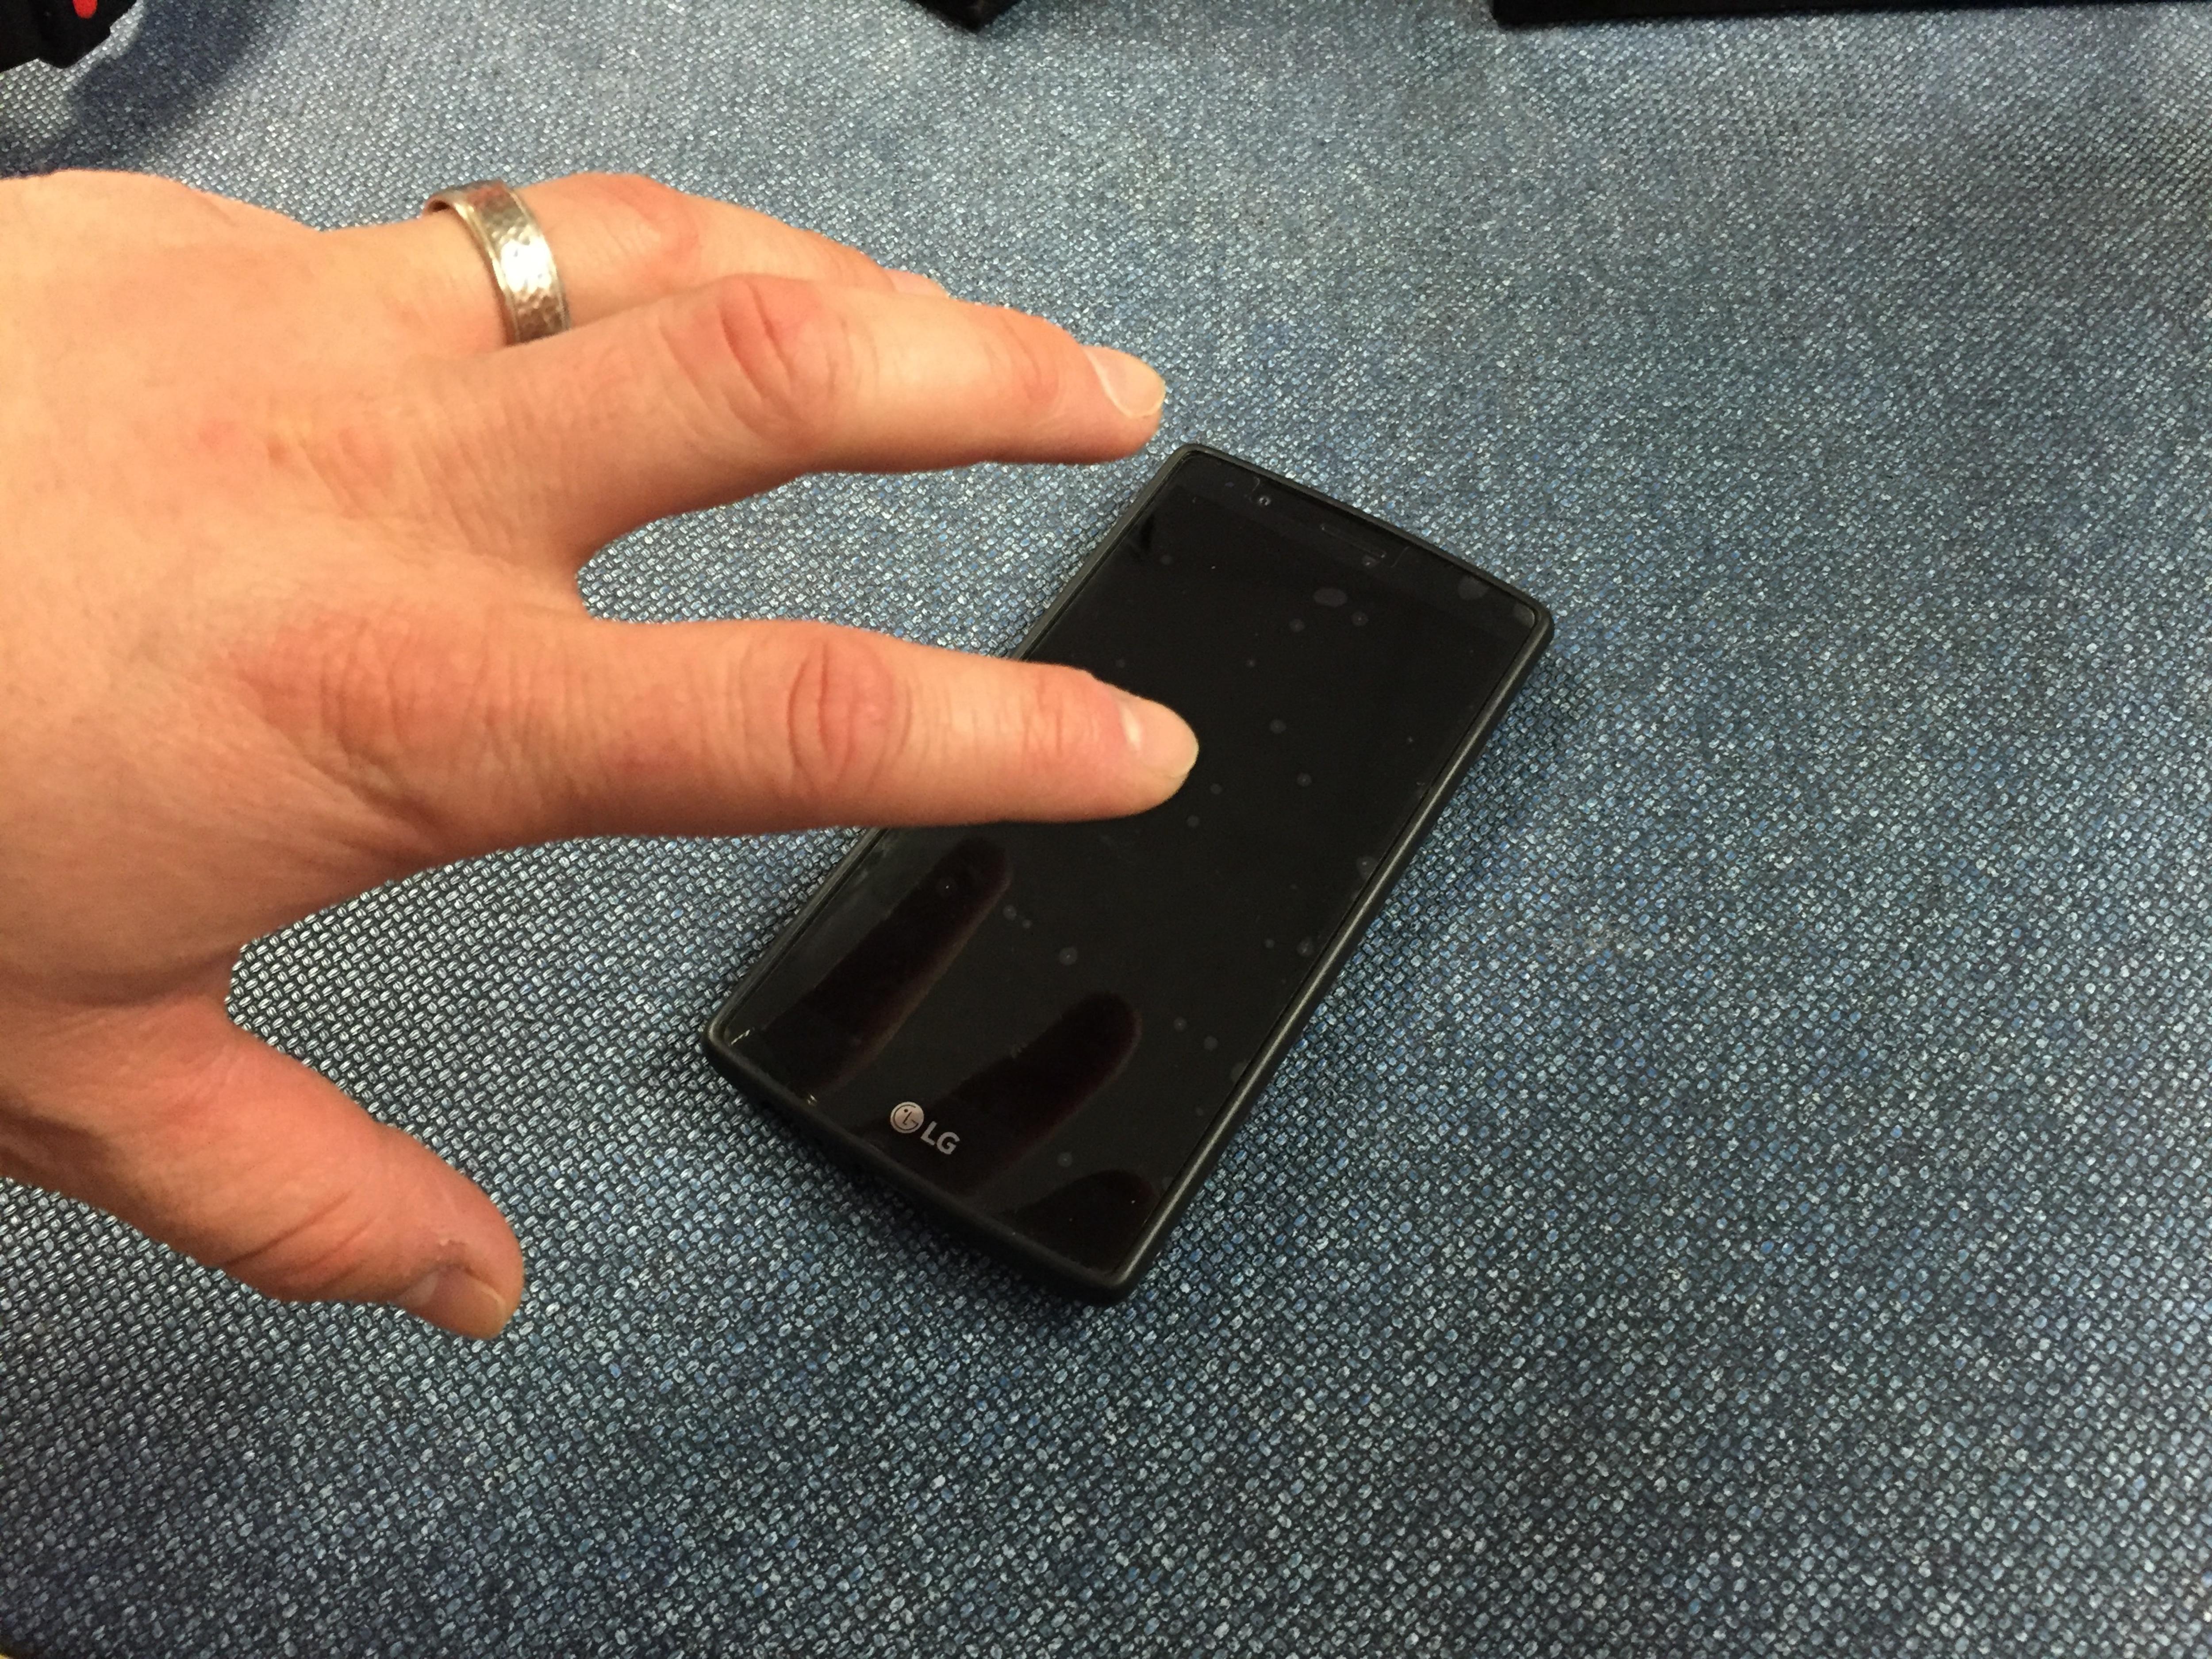 Une main qui prend un cellulaire.